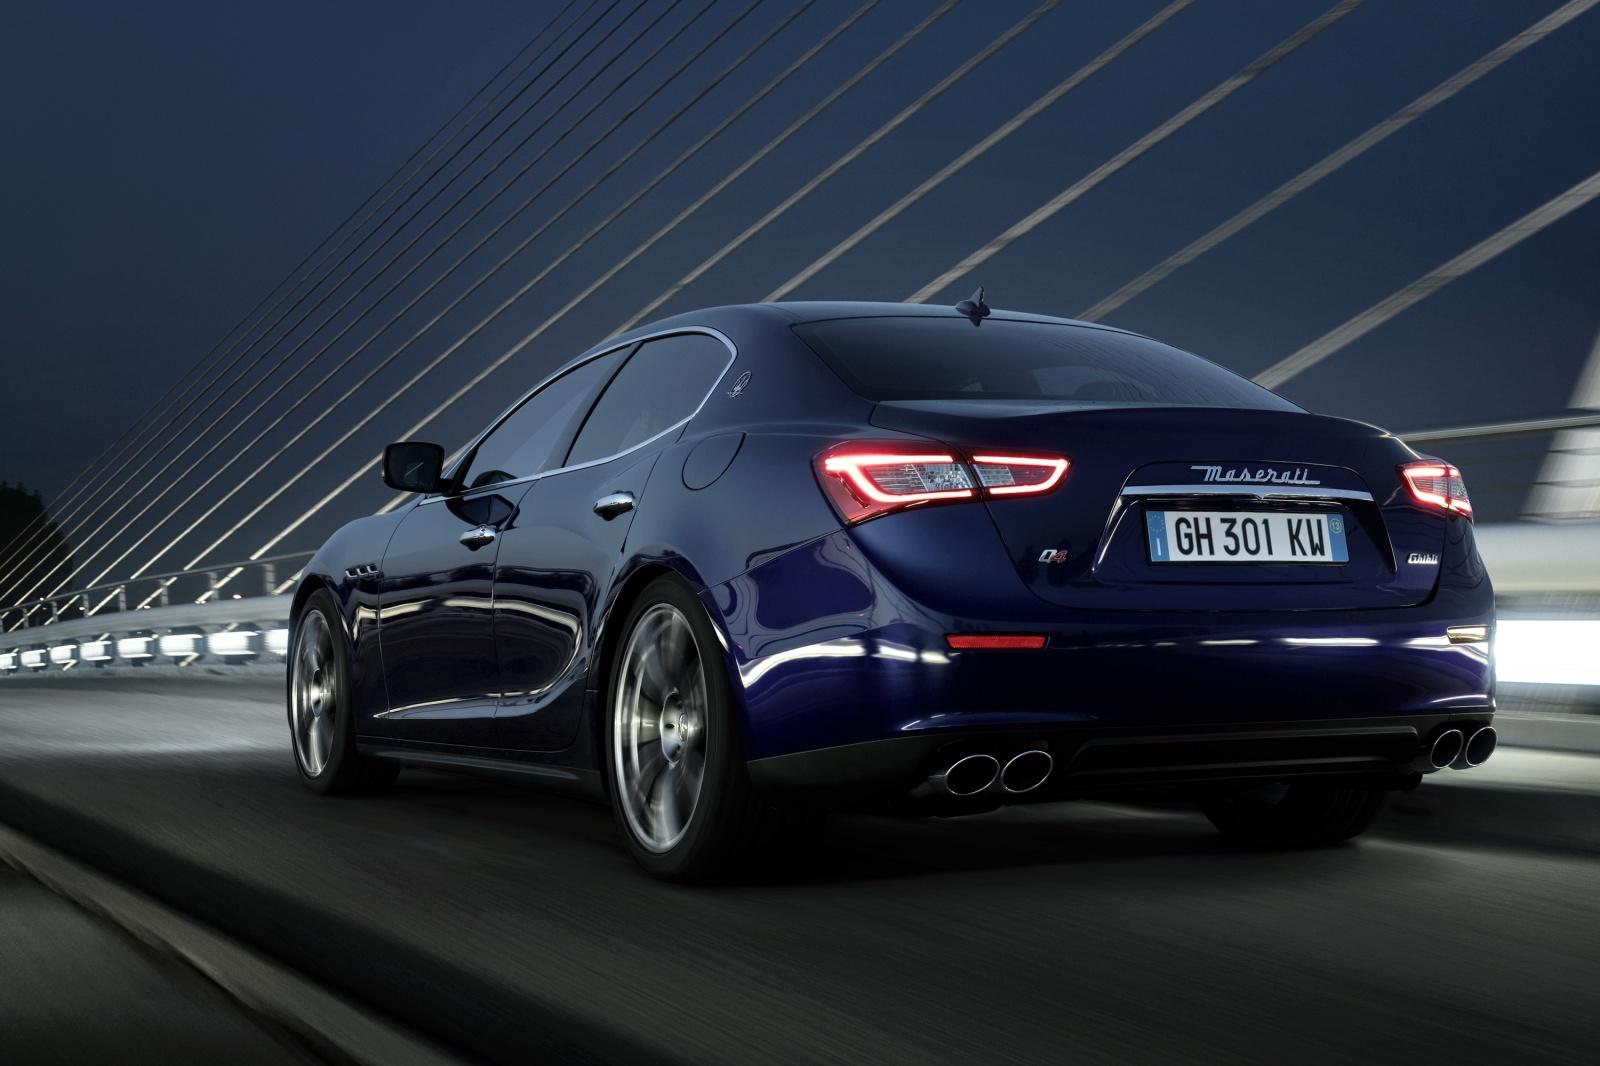 Maserati-Ghibli-Ermenegildo-Zegna-Edition